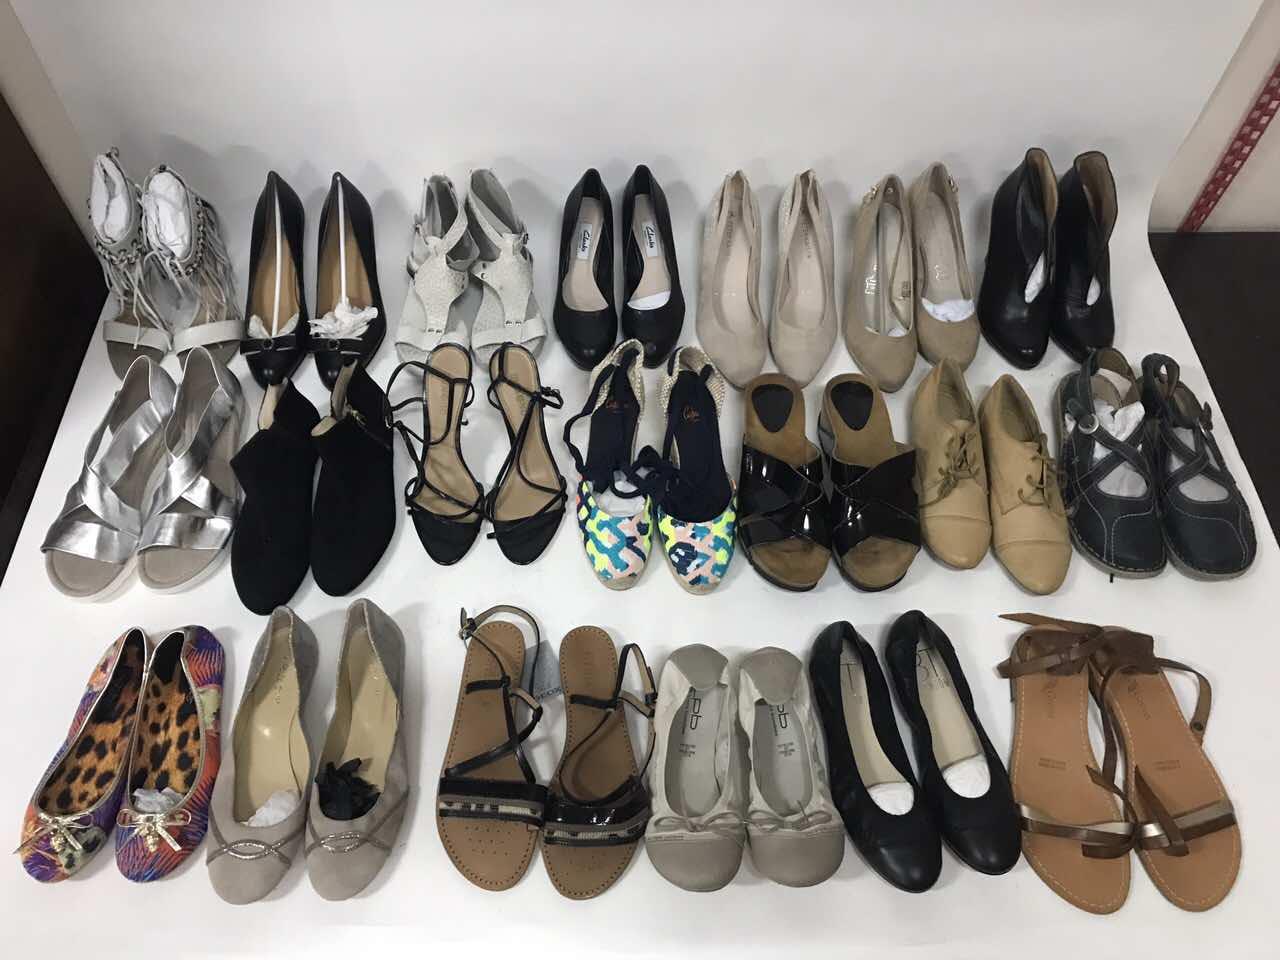 56ccf297afbc Сток одежда, сток обувь. Сток не дорого. Оптом. Украина. Доставка 0. Низкие  цены.